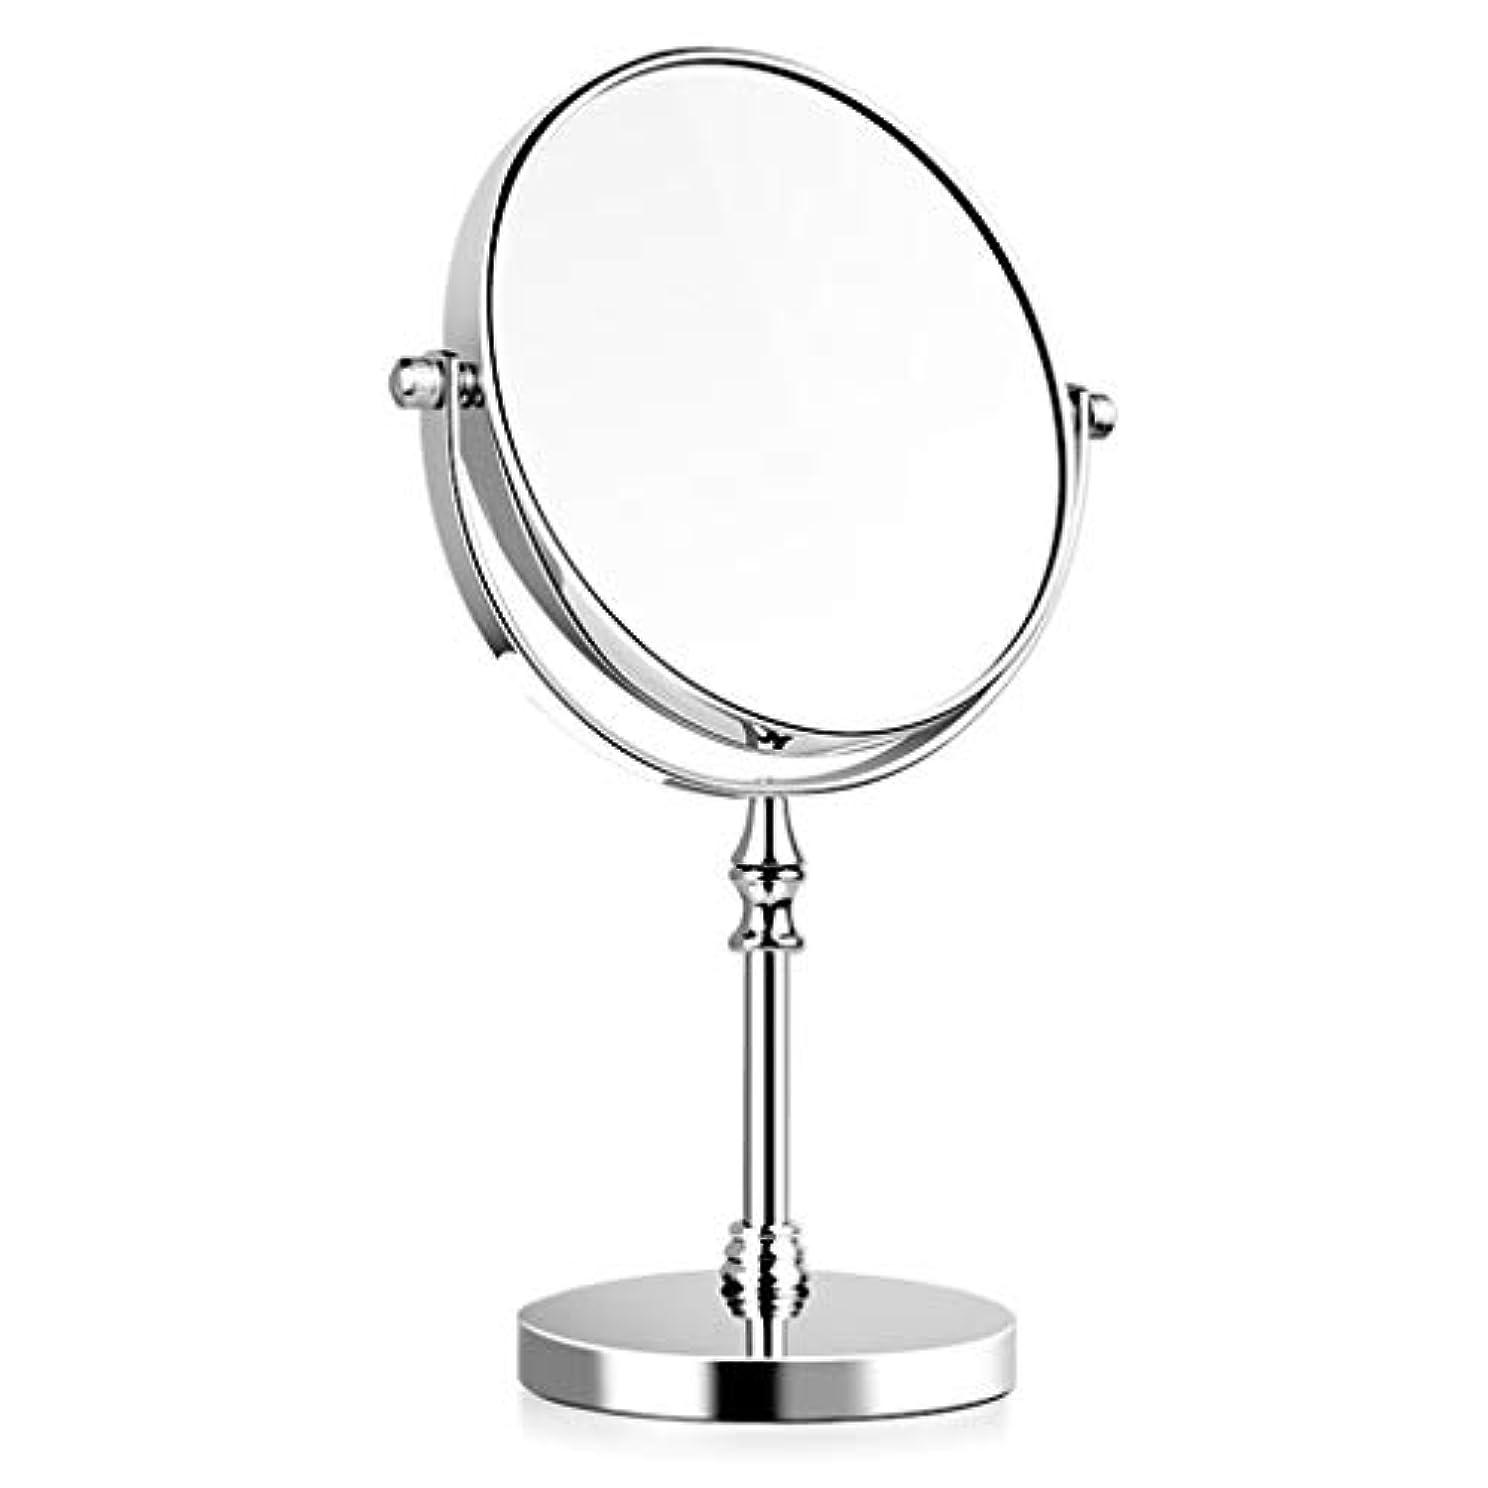 いらいらする強大なささいな.化粧鏡 化粧鏡大型HD両面デスクトップ化粧鏡化粧鏡3倍倍率360°回転 ED化粧鏡1倍/ 2倍/ 3倍/ 5倍/ 10倍拡大鏡ポ